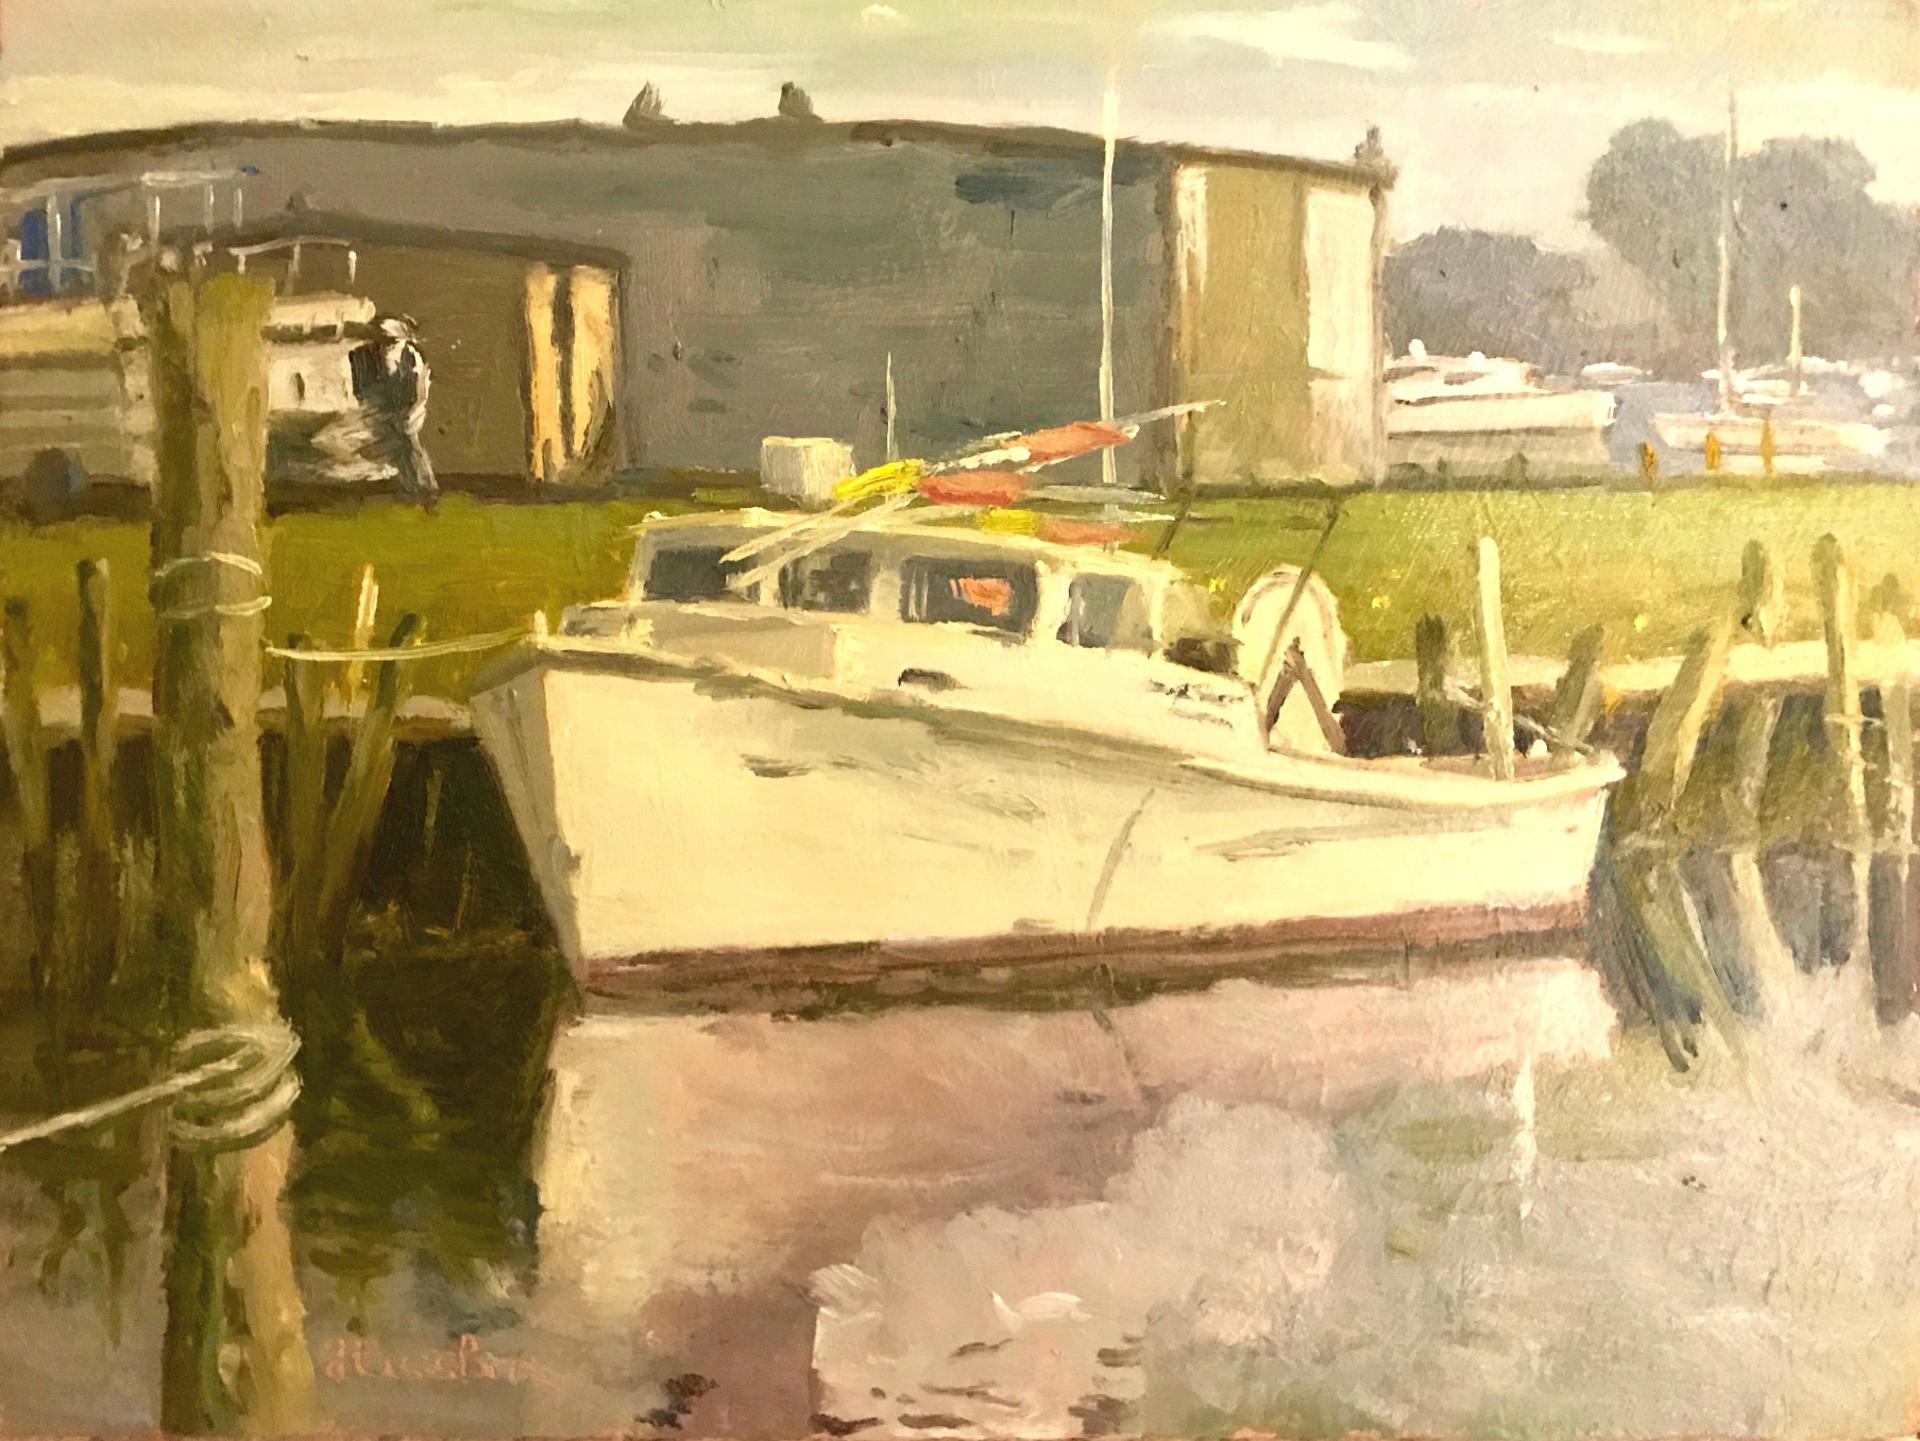 Crabber, Town Creek Marina by Steve Hessler